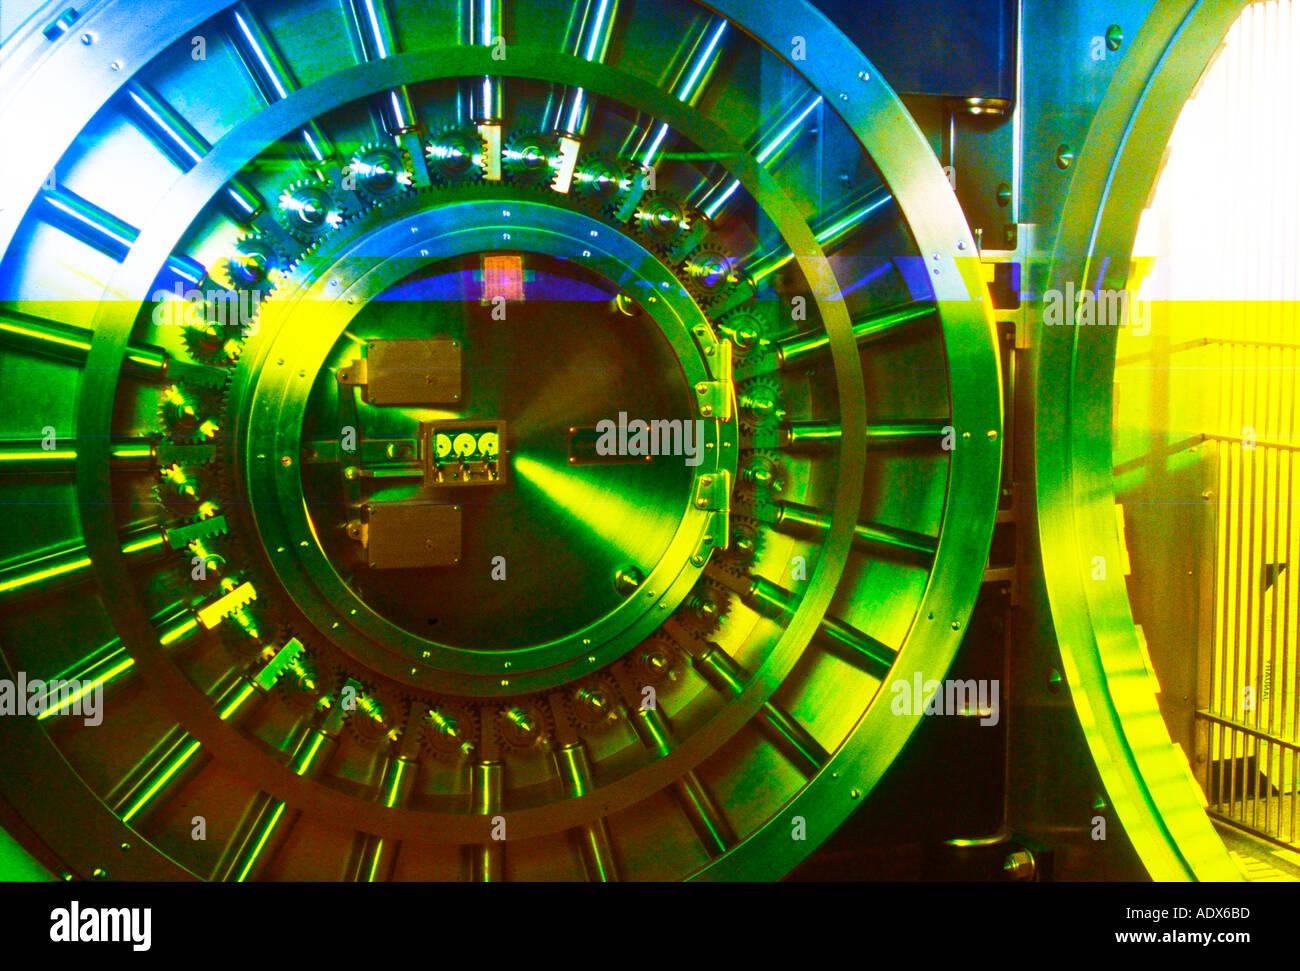 abstract view of bank vault door - Stock Image